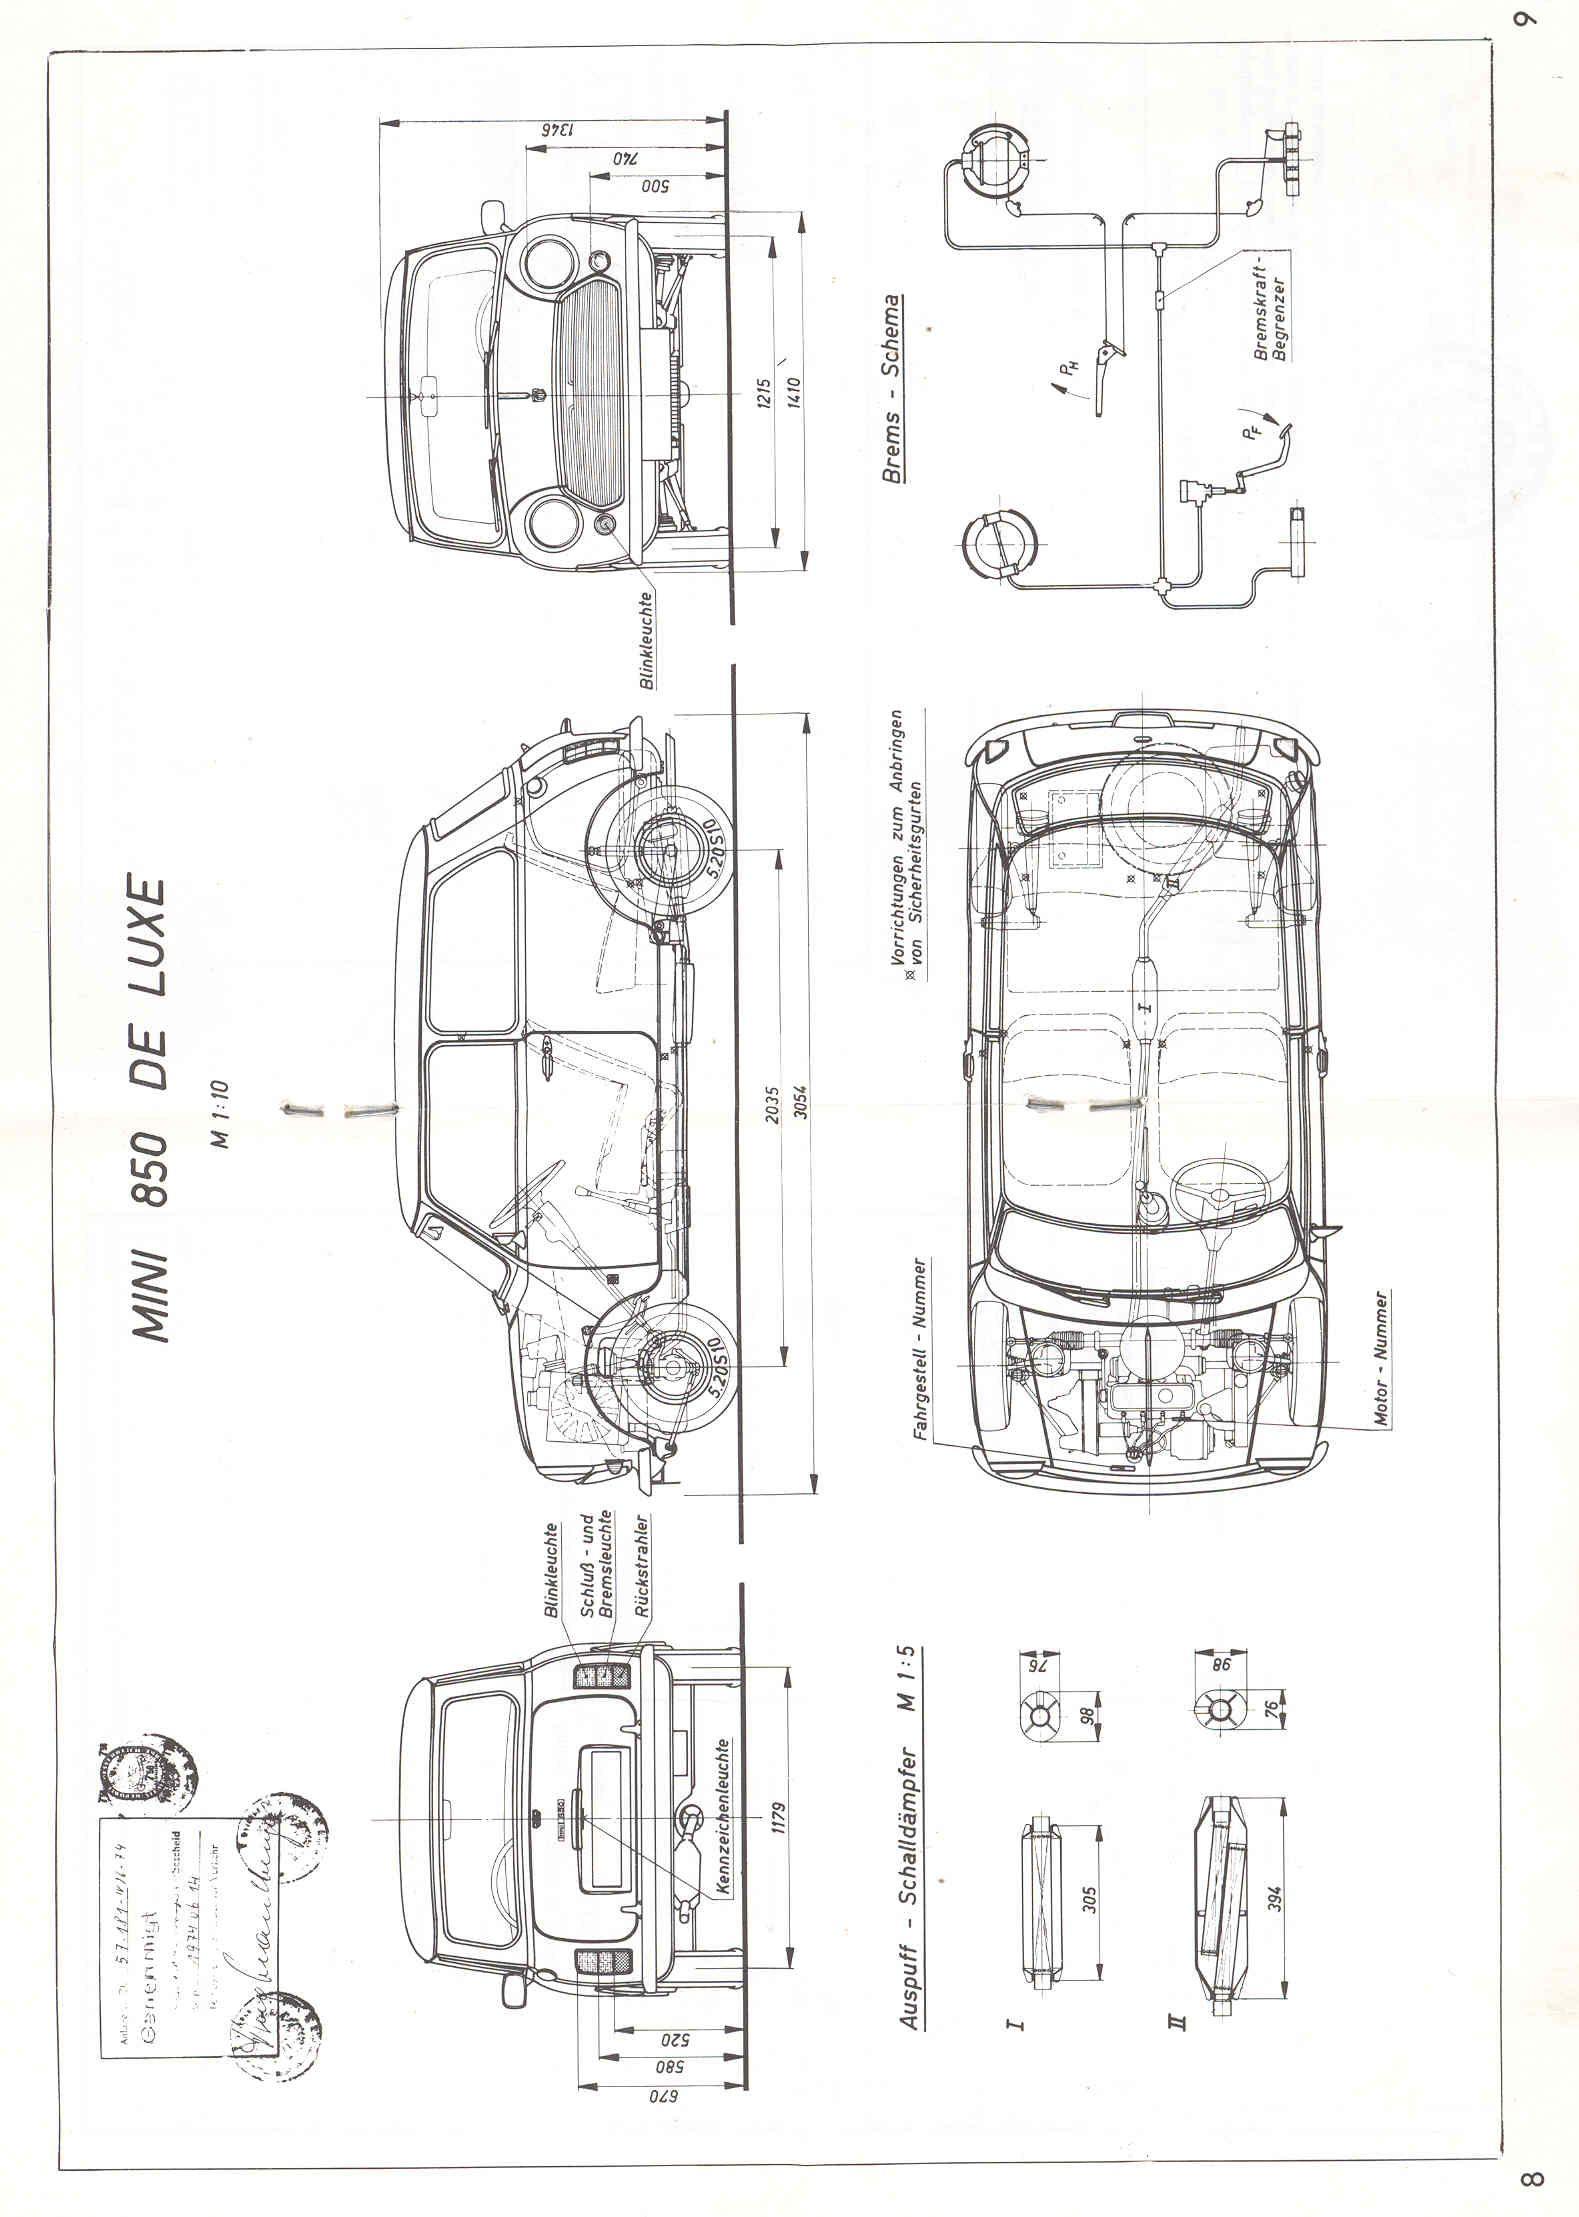 austin mini cooper 850 de luxe 1974 jpg  [ 1579 x 2217 Pixel ]